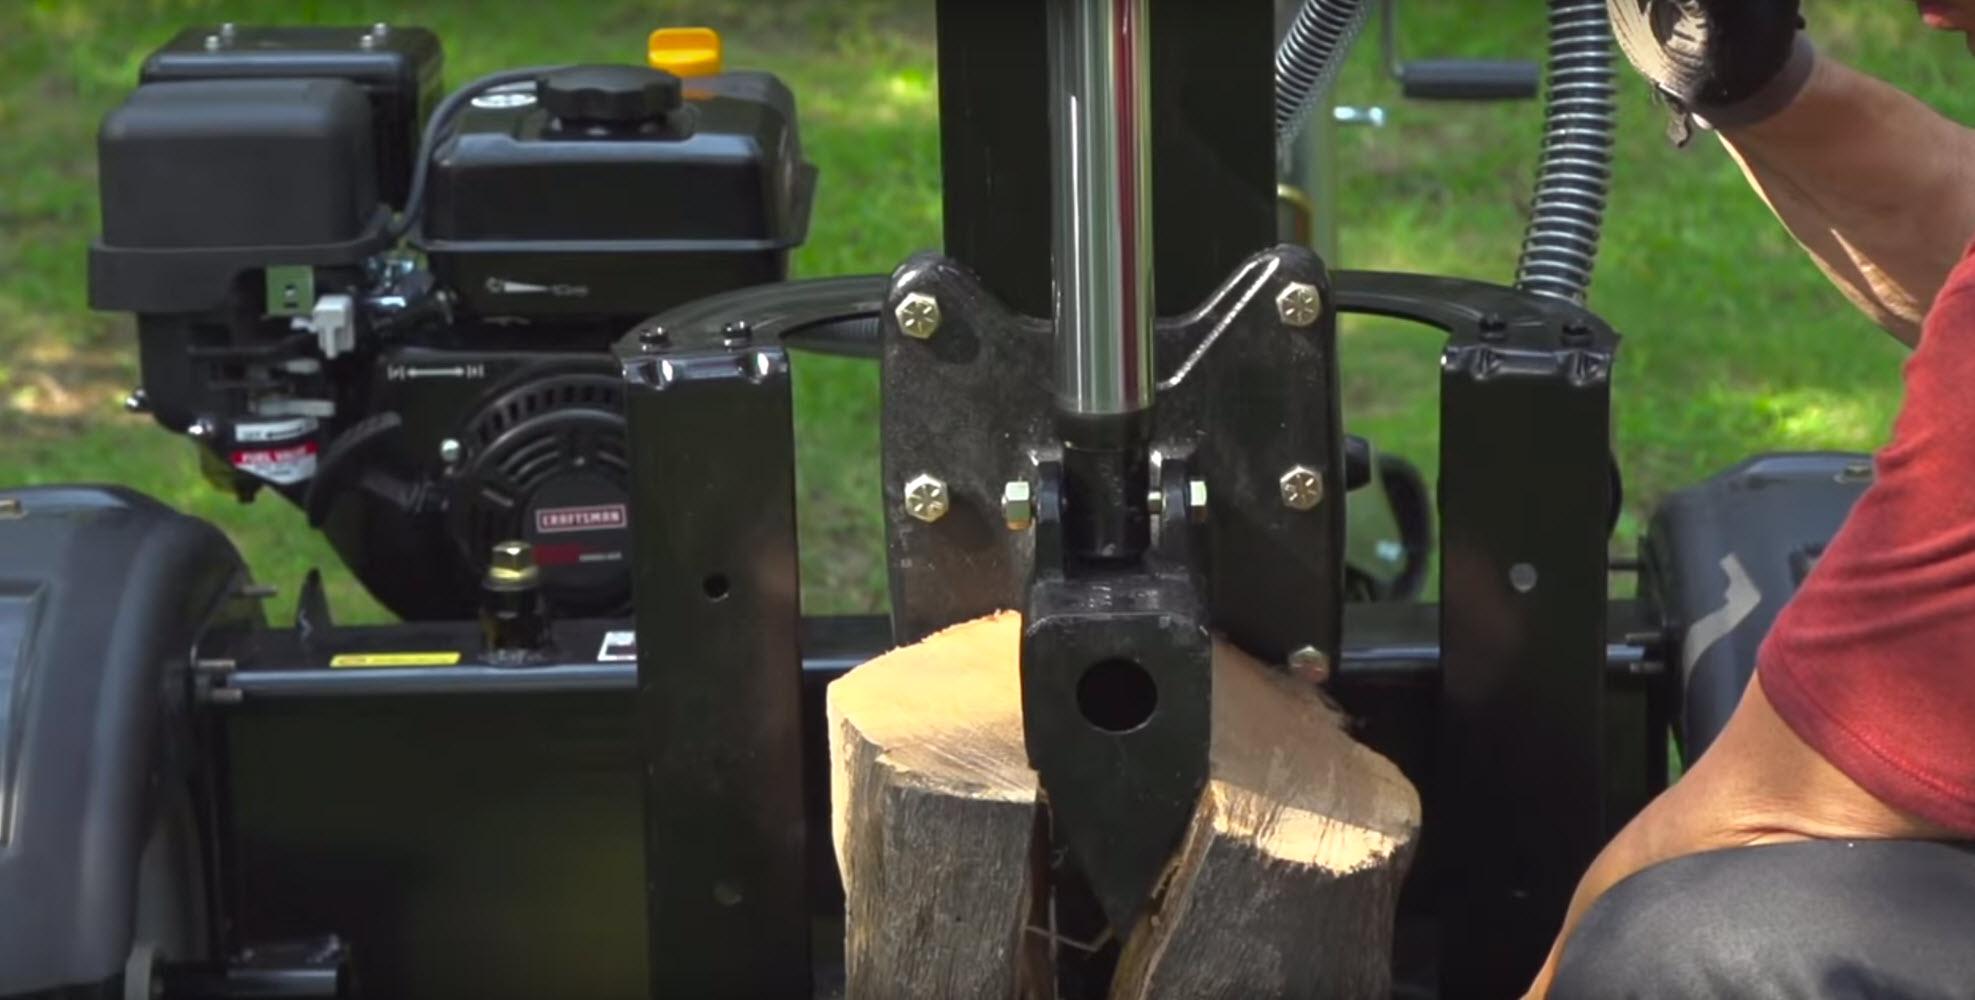 Common log splitter problems - engine won't start | Symptom